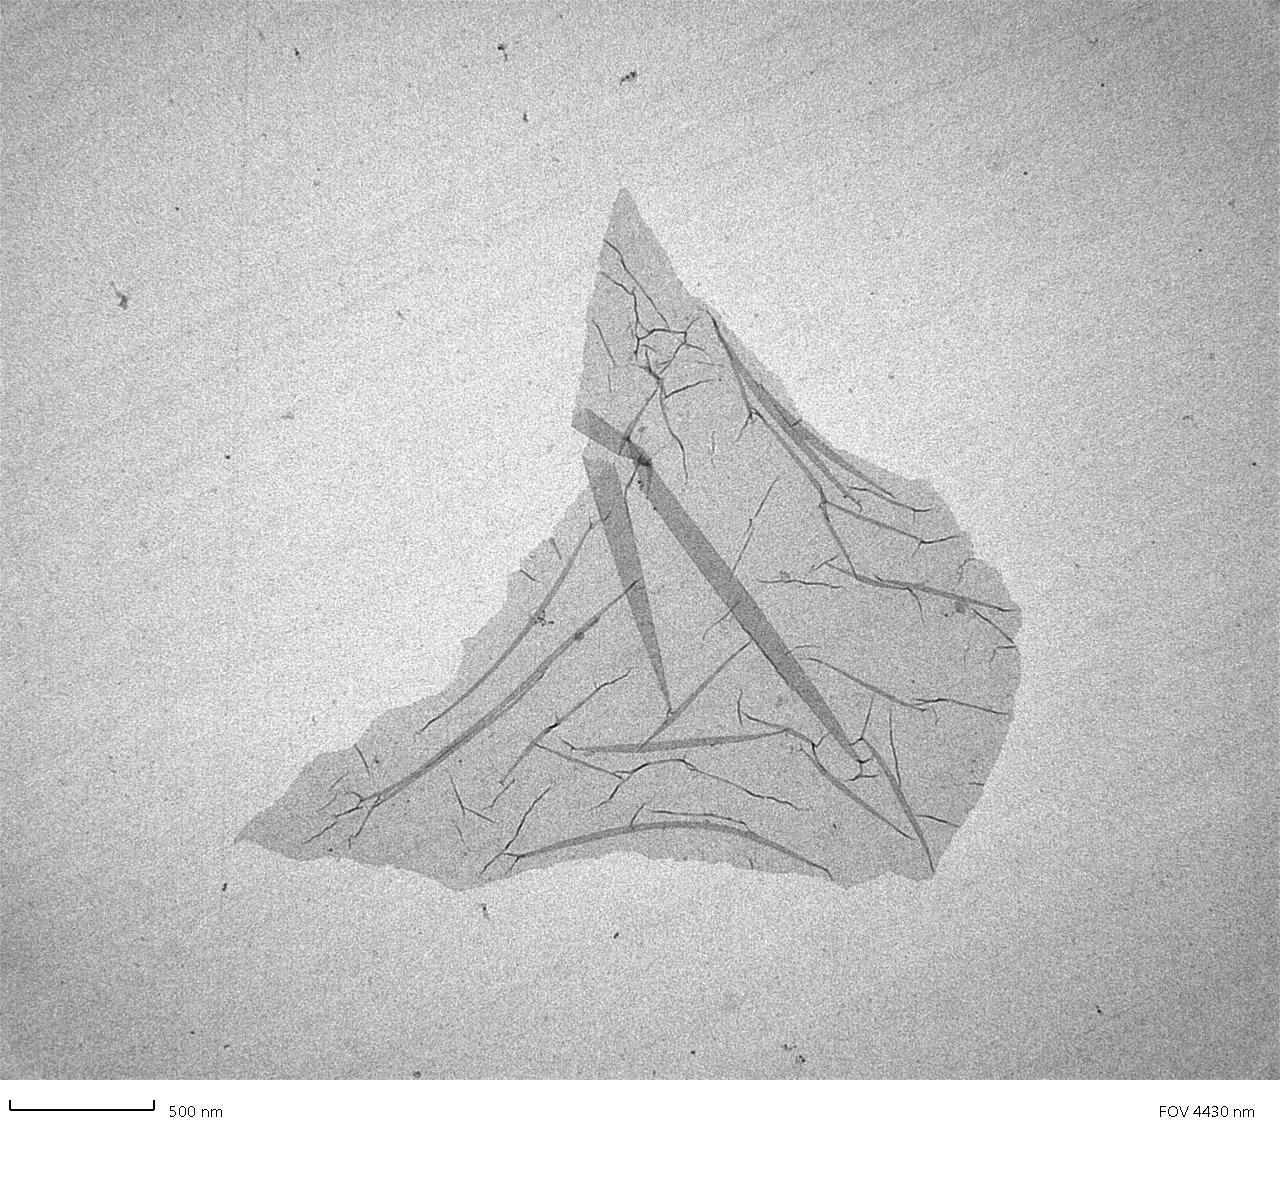 LVEM 5: graphene oxide (TEM, 2D crystal on carbon film)